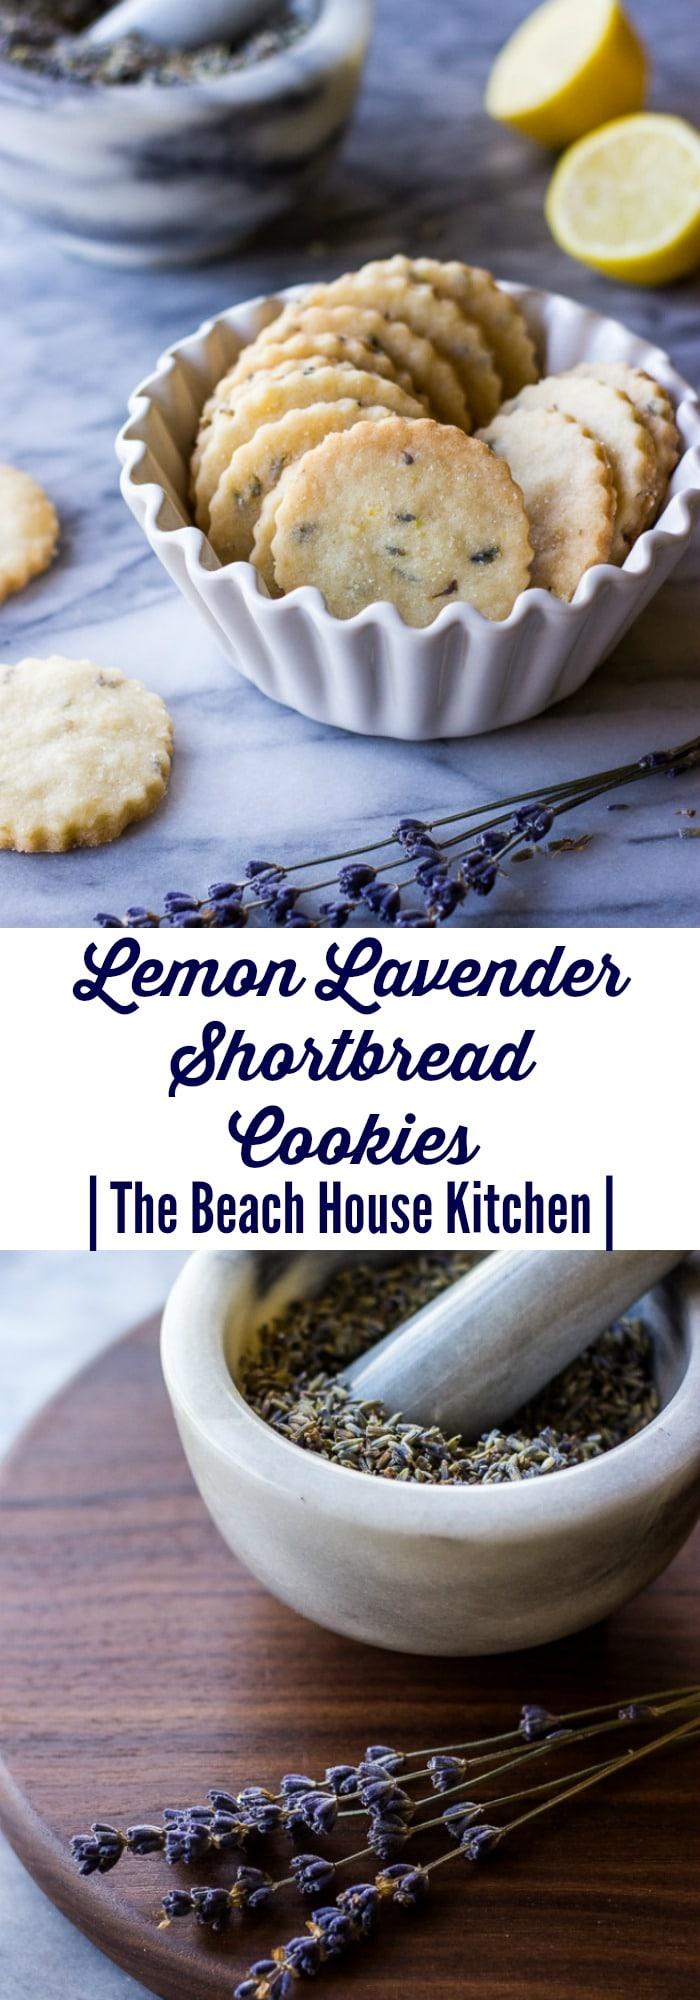 Lemon Lavender Shortbread Cookies